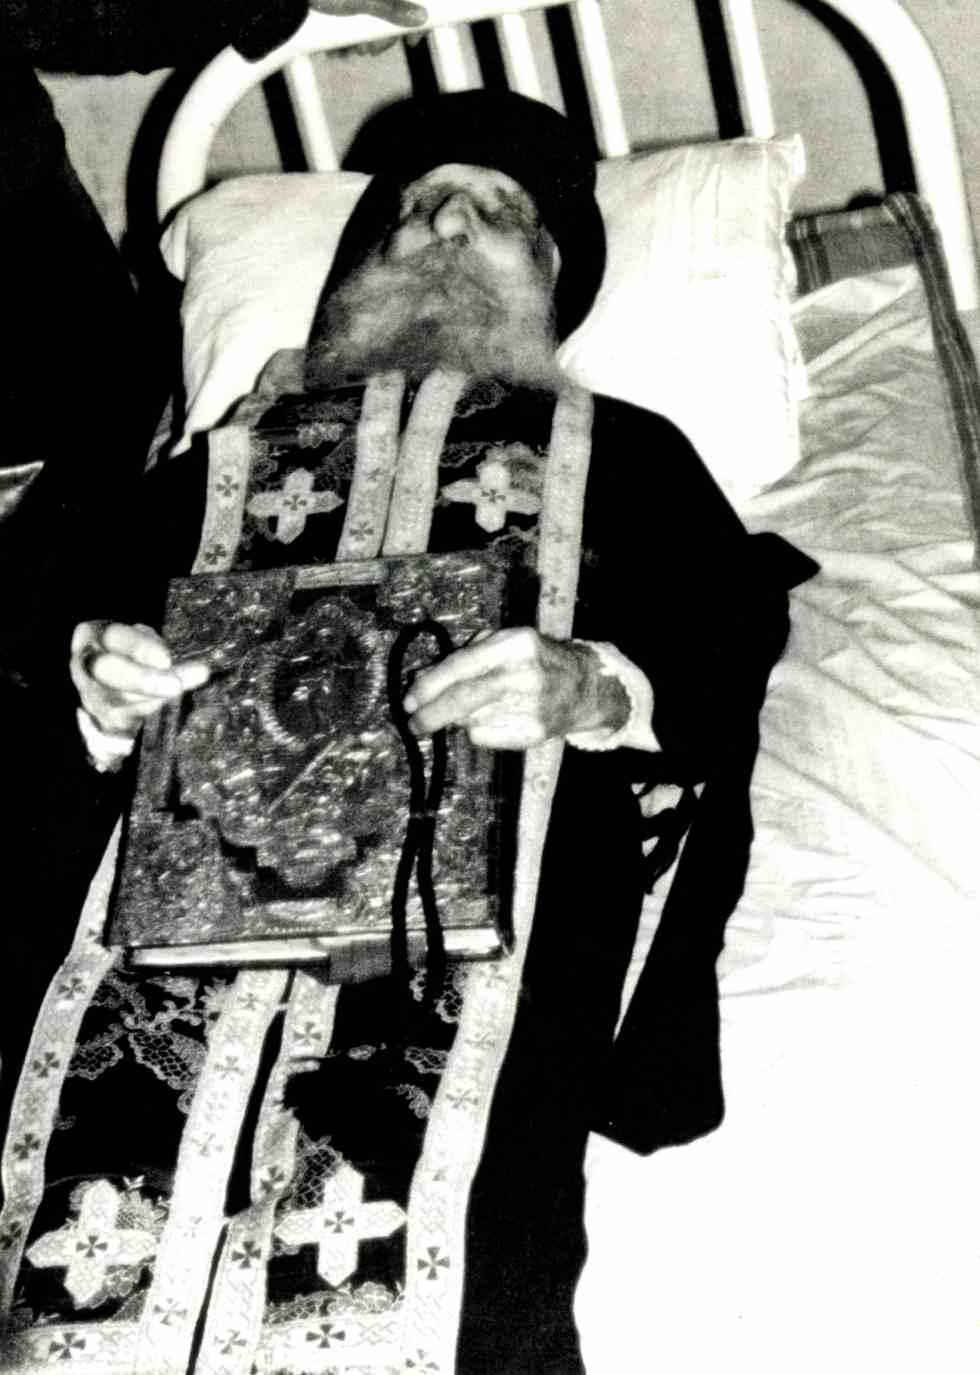 Ιερομόναχος Κυπριανός Ξενοφωντινός, ευλογών στη νεκρική κλίνη